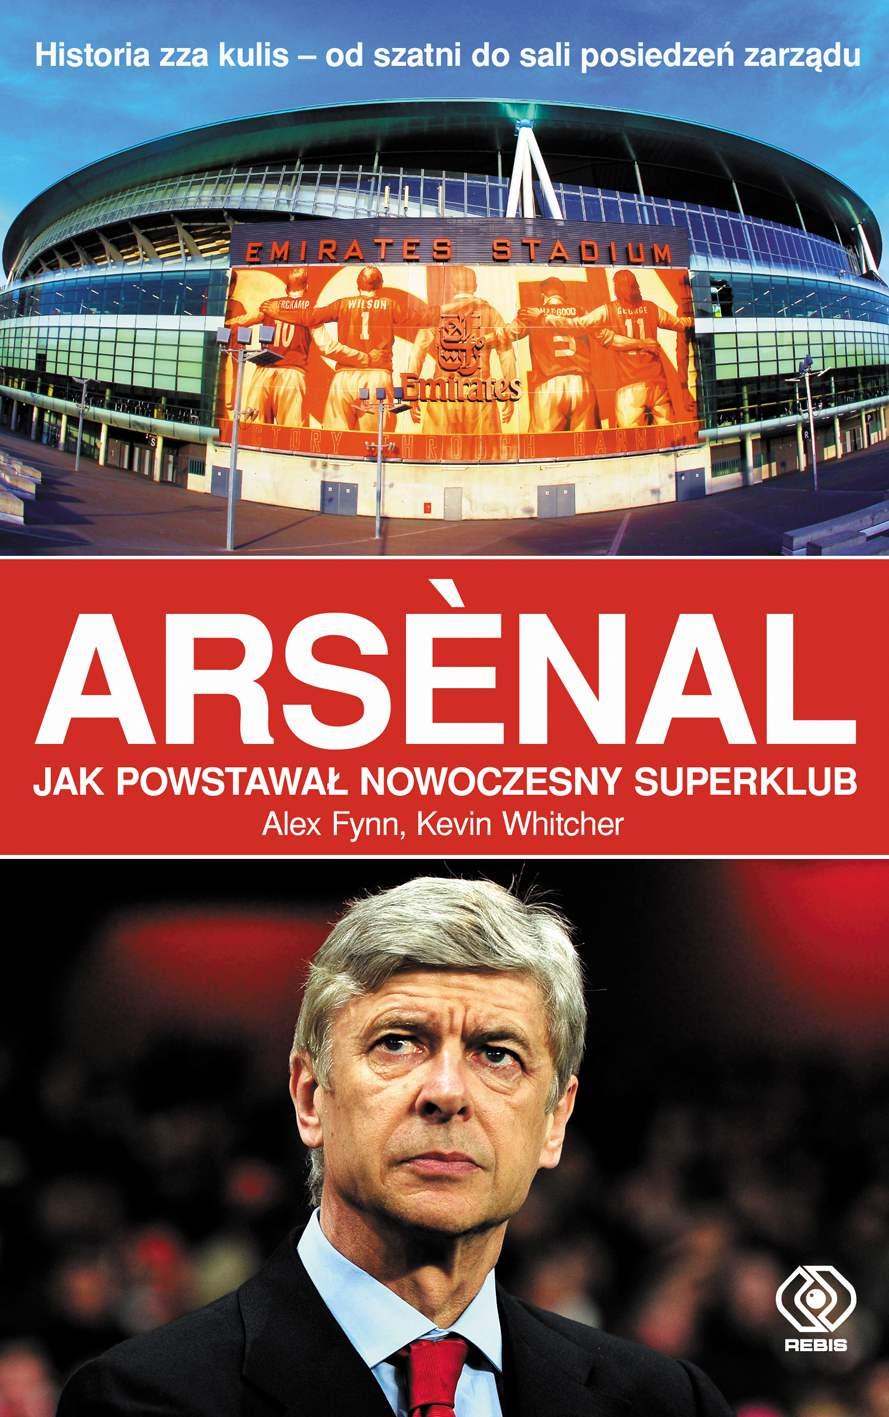 Arsenal. Jak powstawał nowoczesny superklub - Ebook (Książka EPUB) do pobrania w formacie EPUB